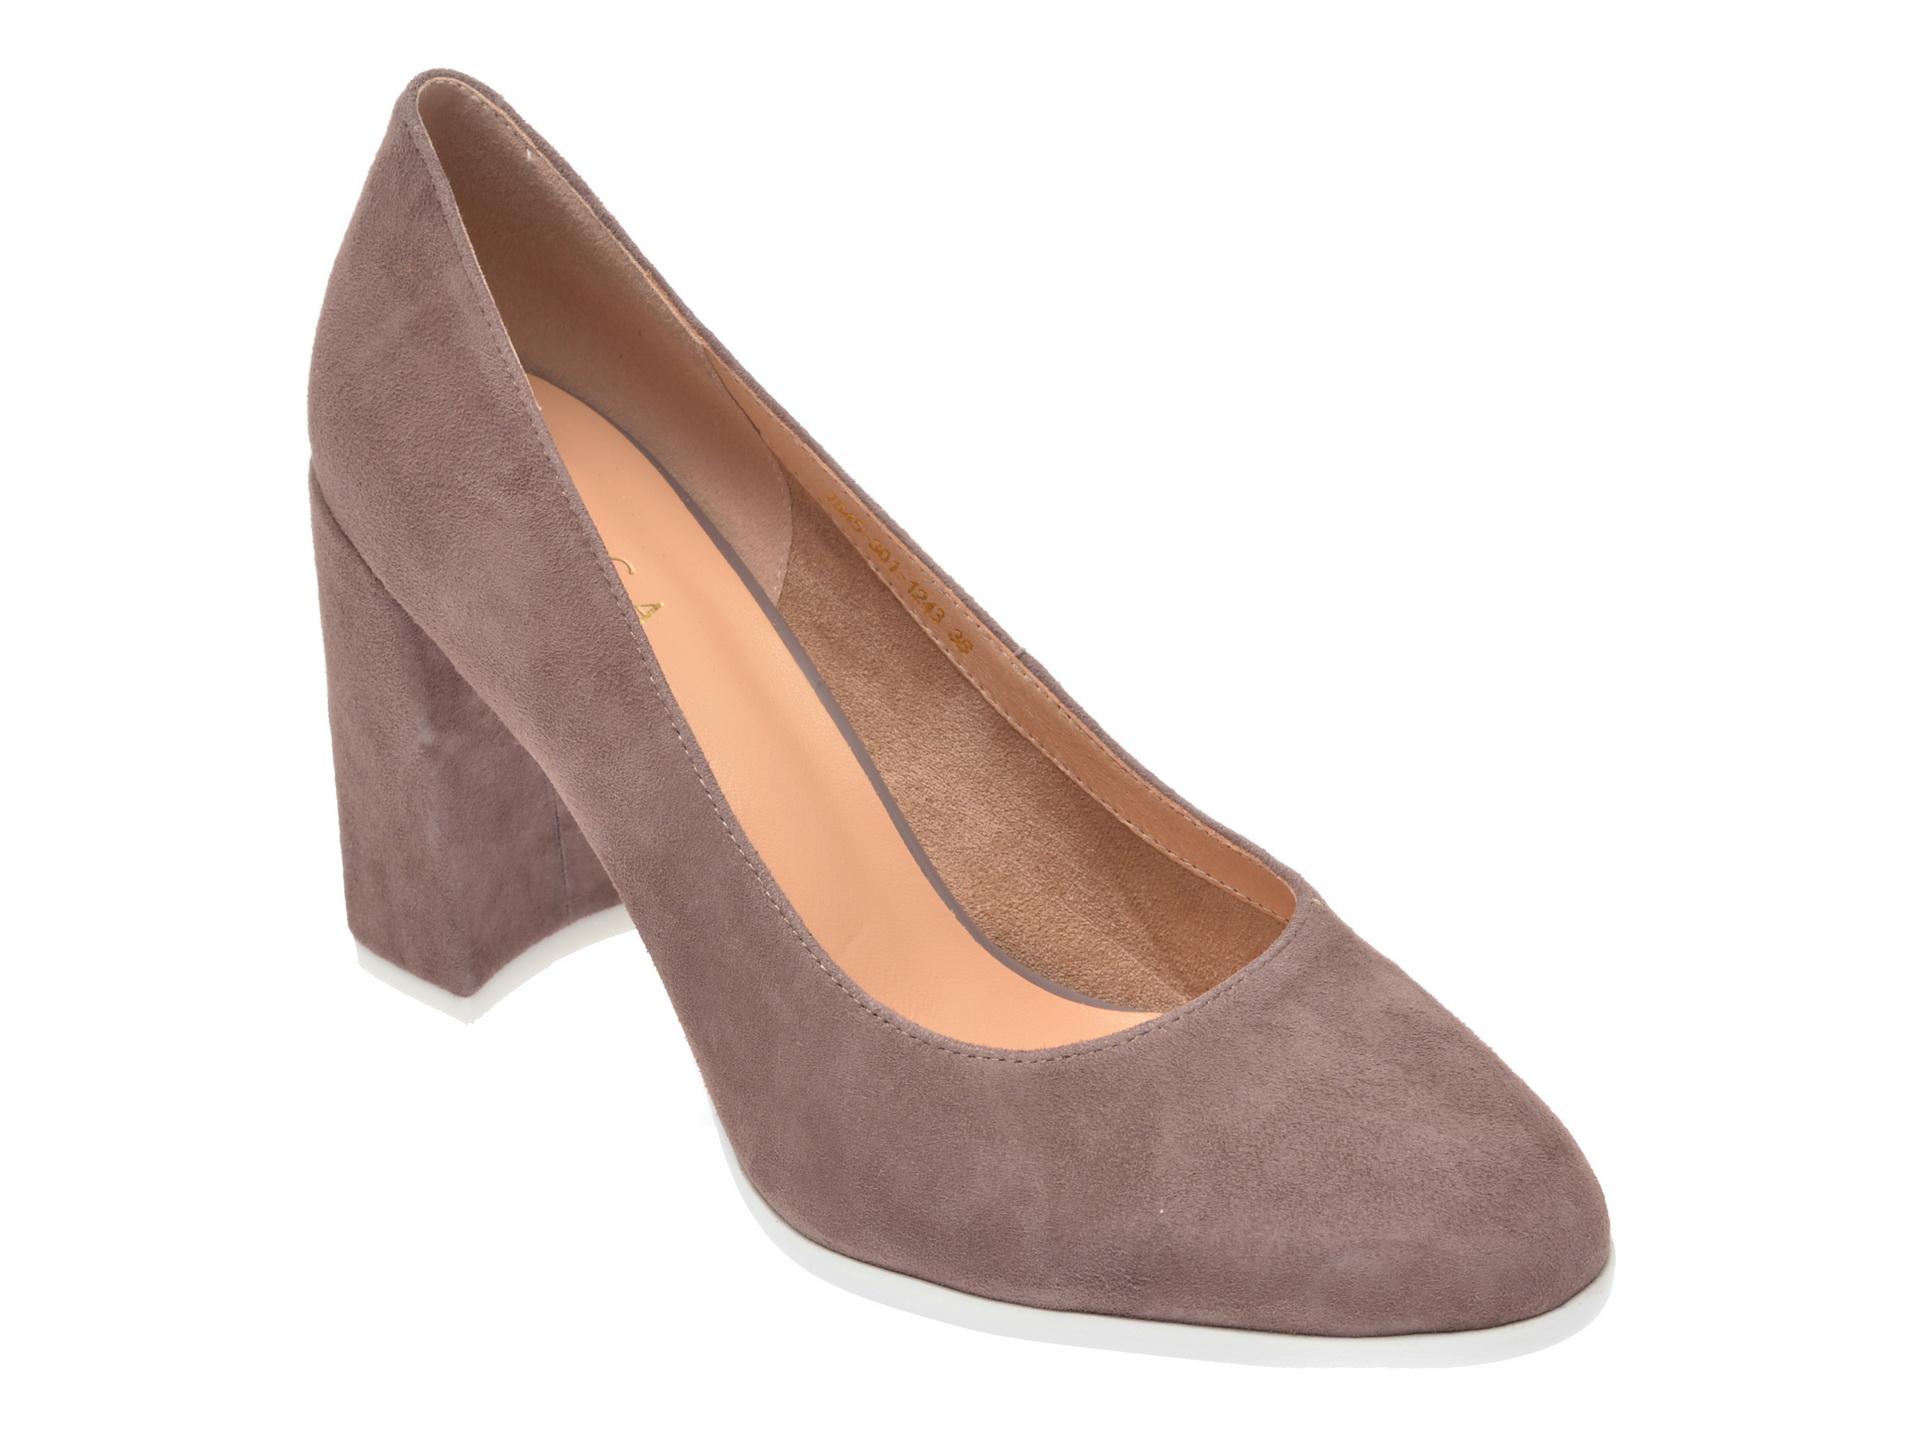 Pantofi EPICA gri, 7545301, din piele intoarsa imagine